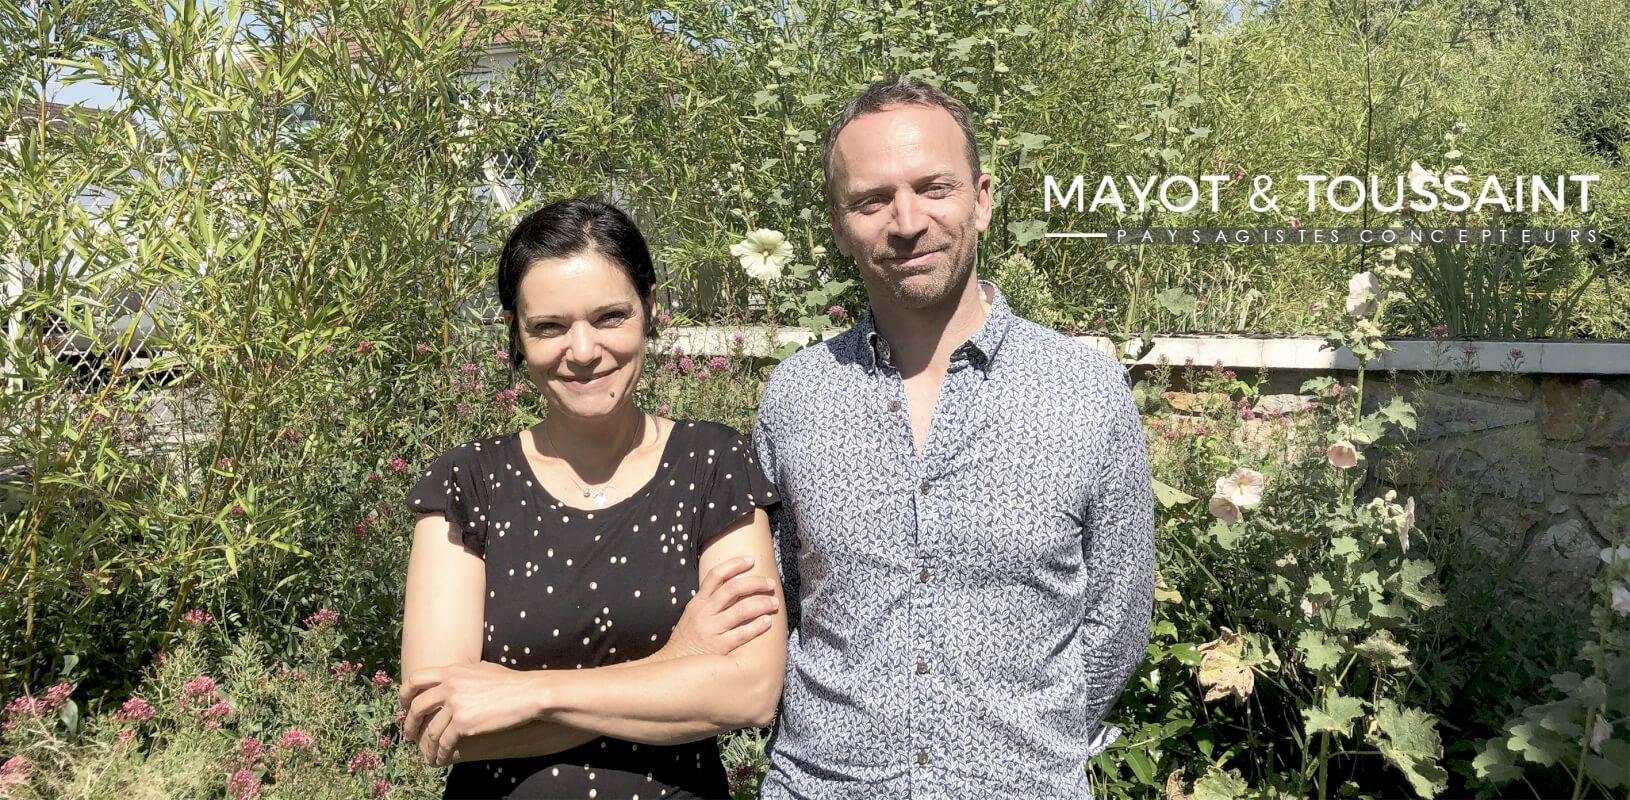 Mayot & Toussaint, paysagiste concepteur